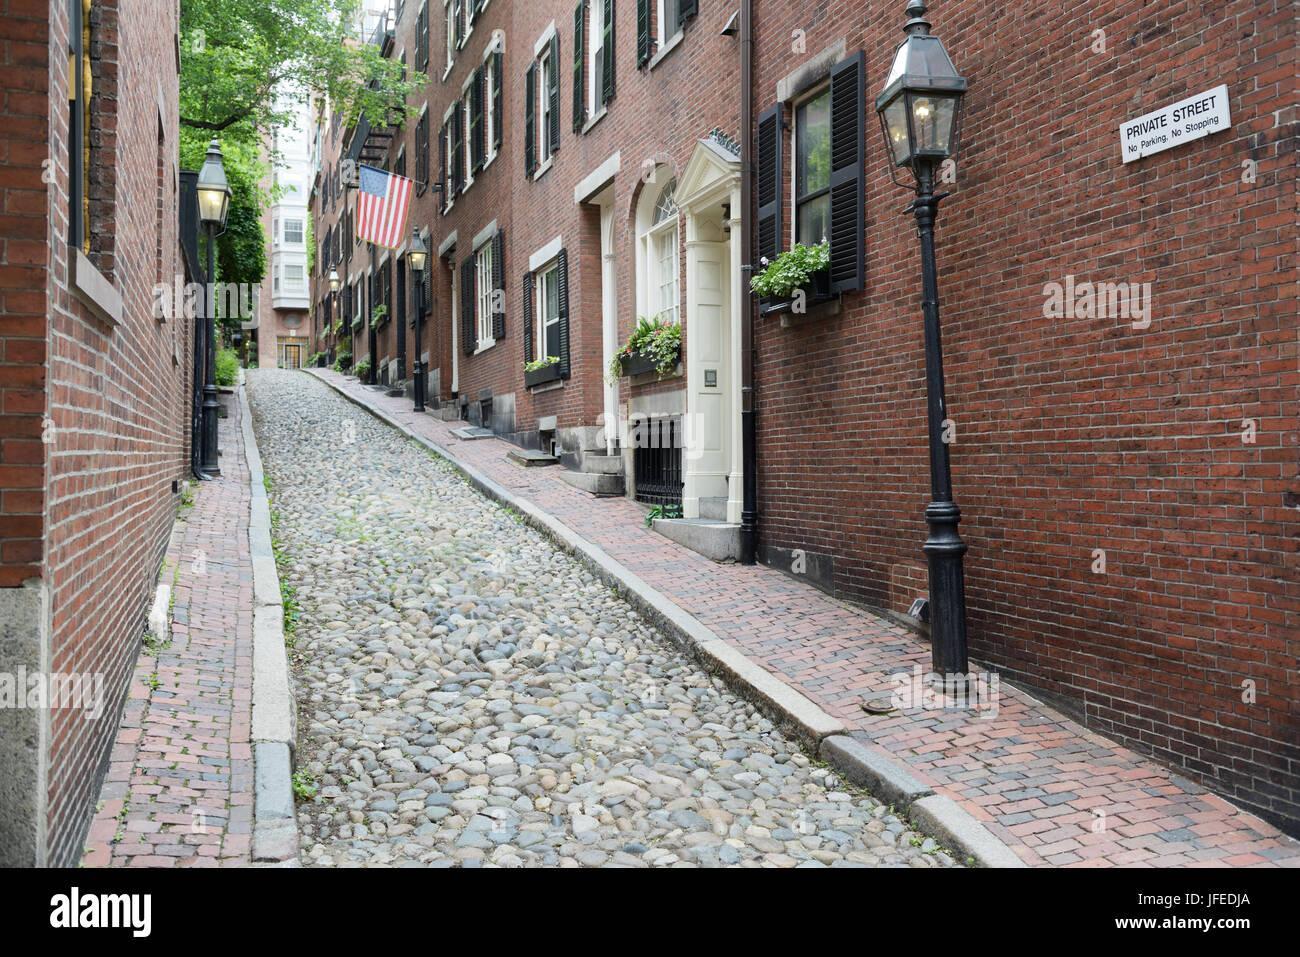 La histórica calle de bellota, barrio Beacon Hill de Boston, MA Imagen De Stock